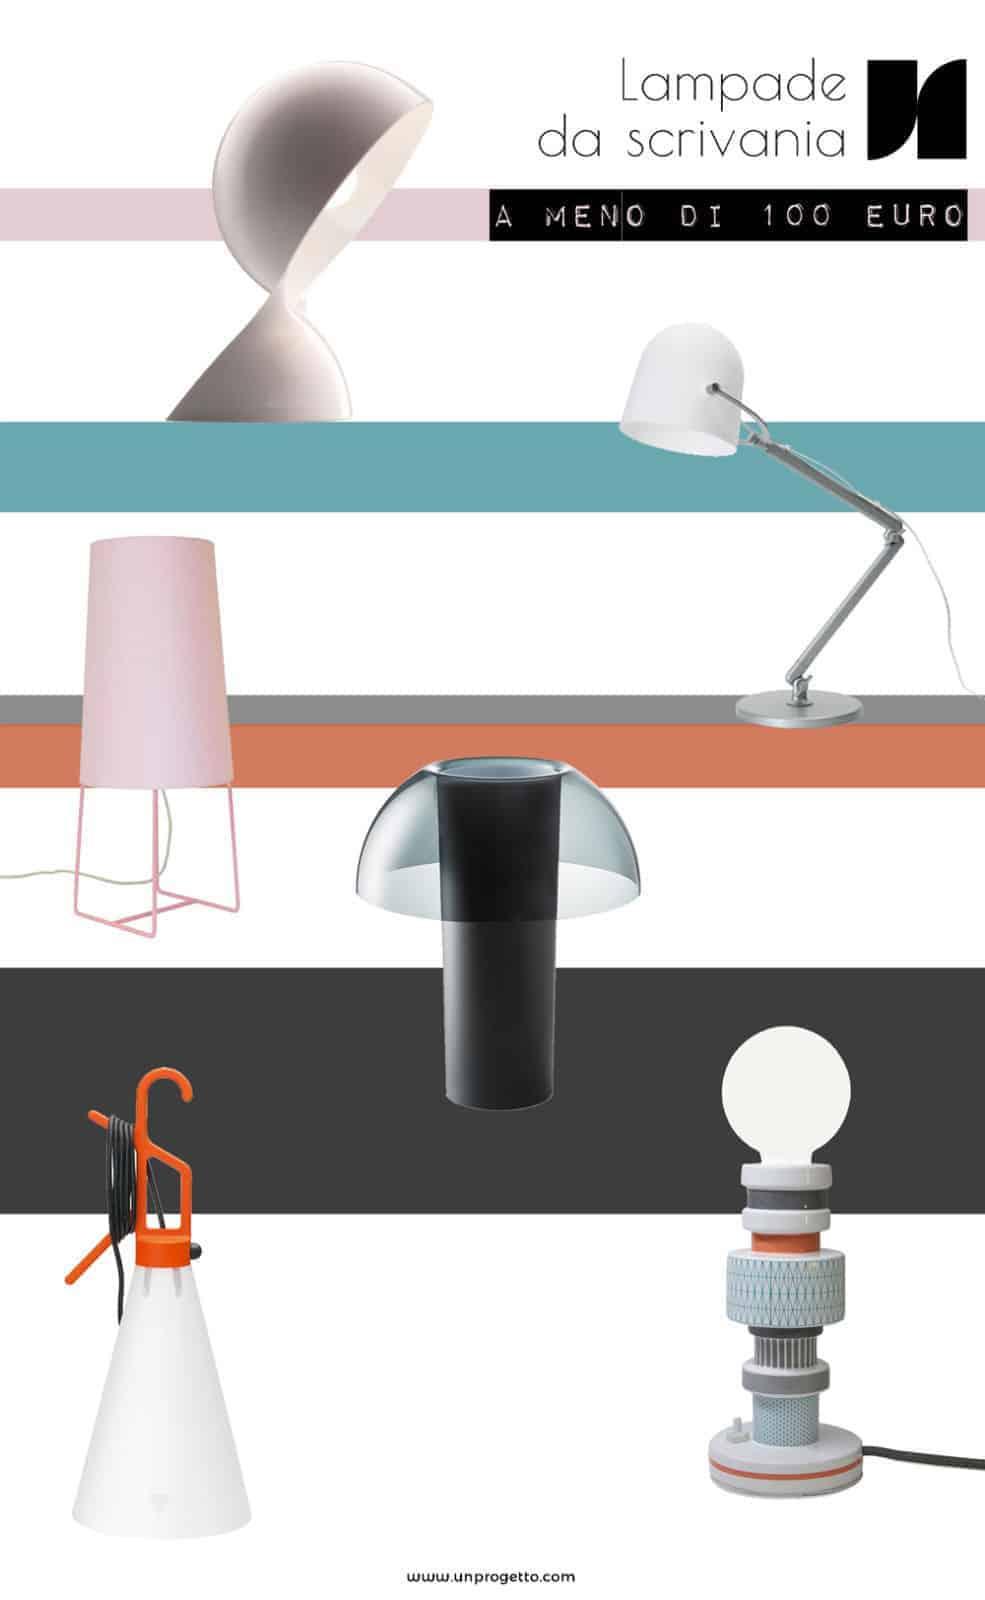 Lampada da scrivania a meno di 100 euro unprogetto progettazione e arredamento di interni - Lampada scrivania ikea ...